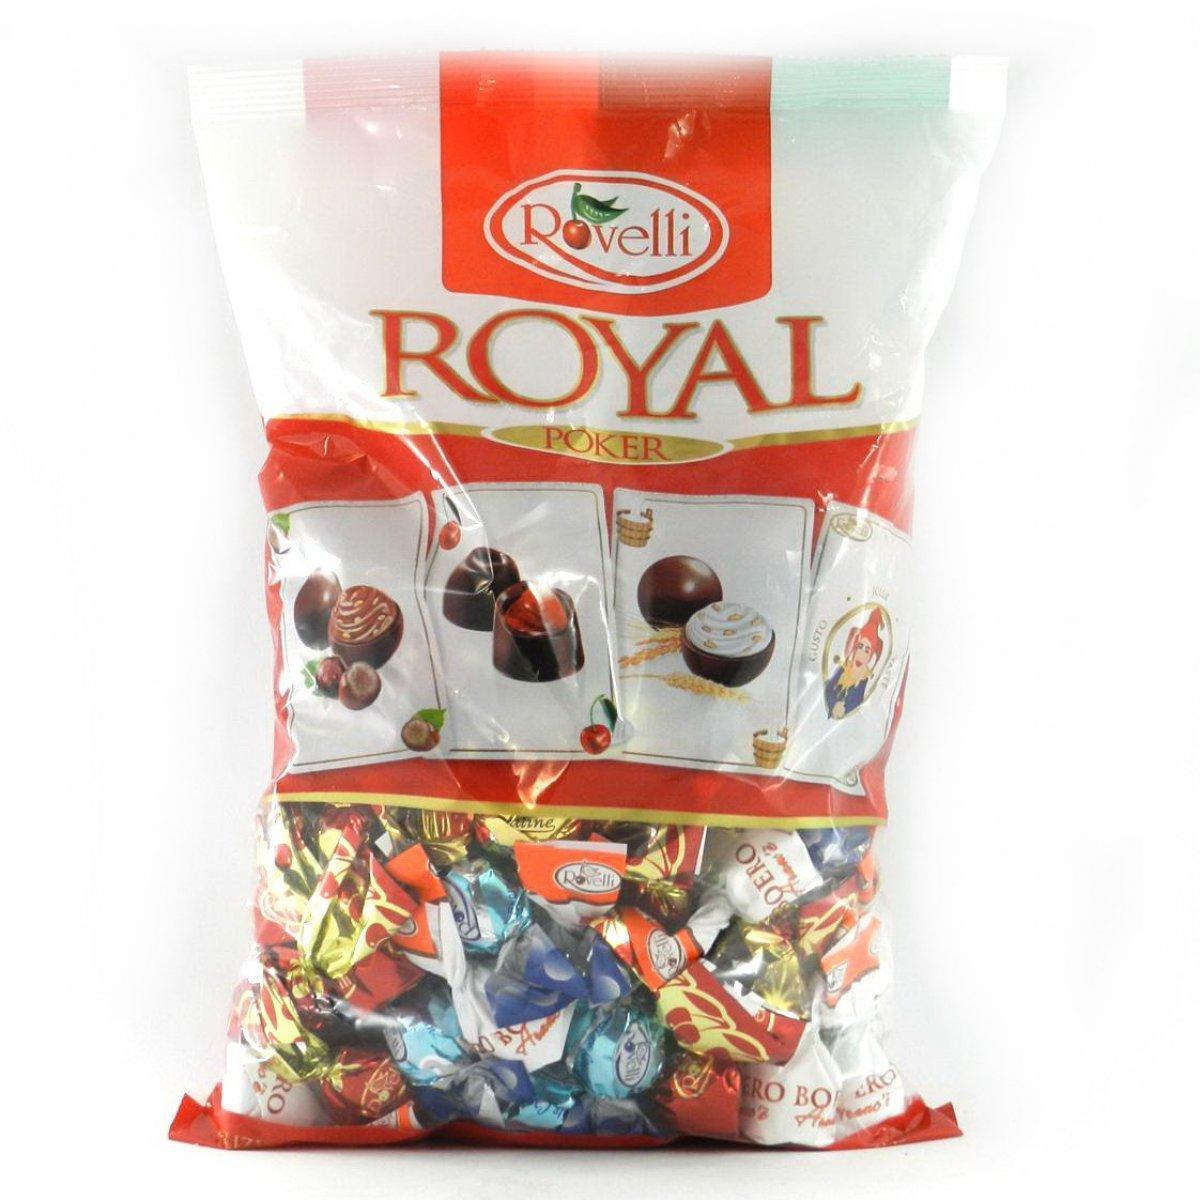 Шоколадные конфеты «Rovelli Royal Poker» с начинками 900 g. Италия